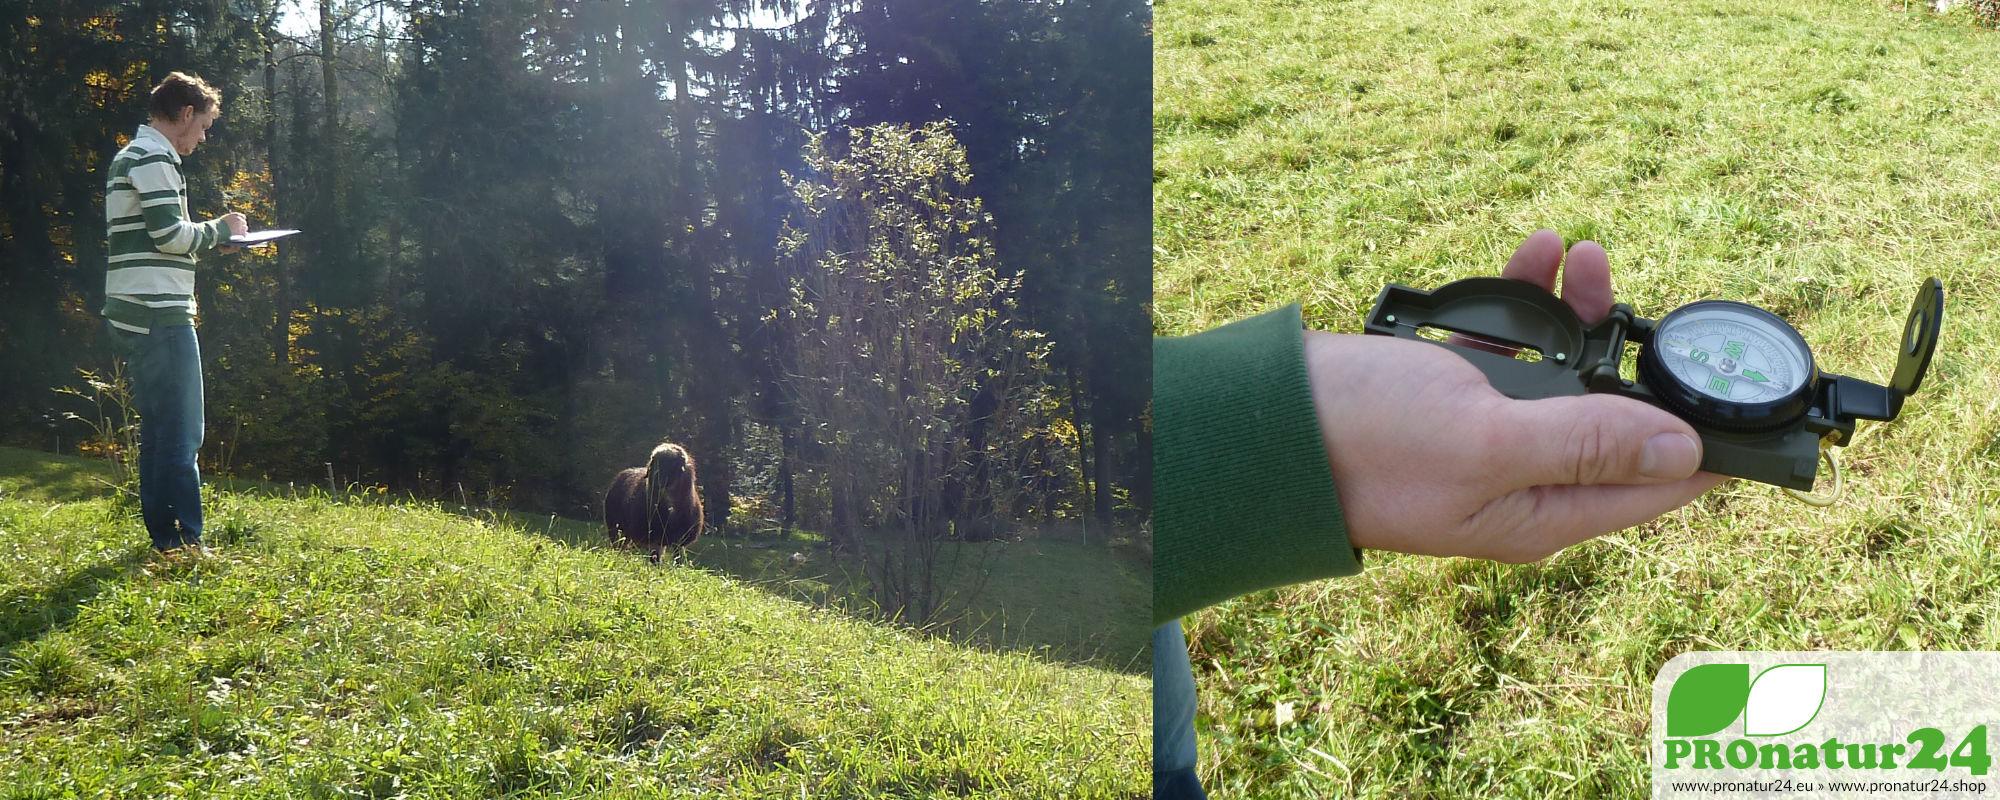 Leitfaden / Anleitung für die Suche nach Wasseradern › PROnatur24 ...